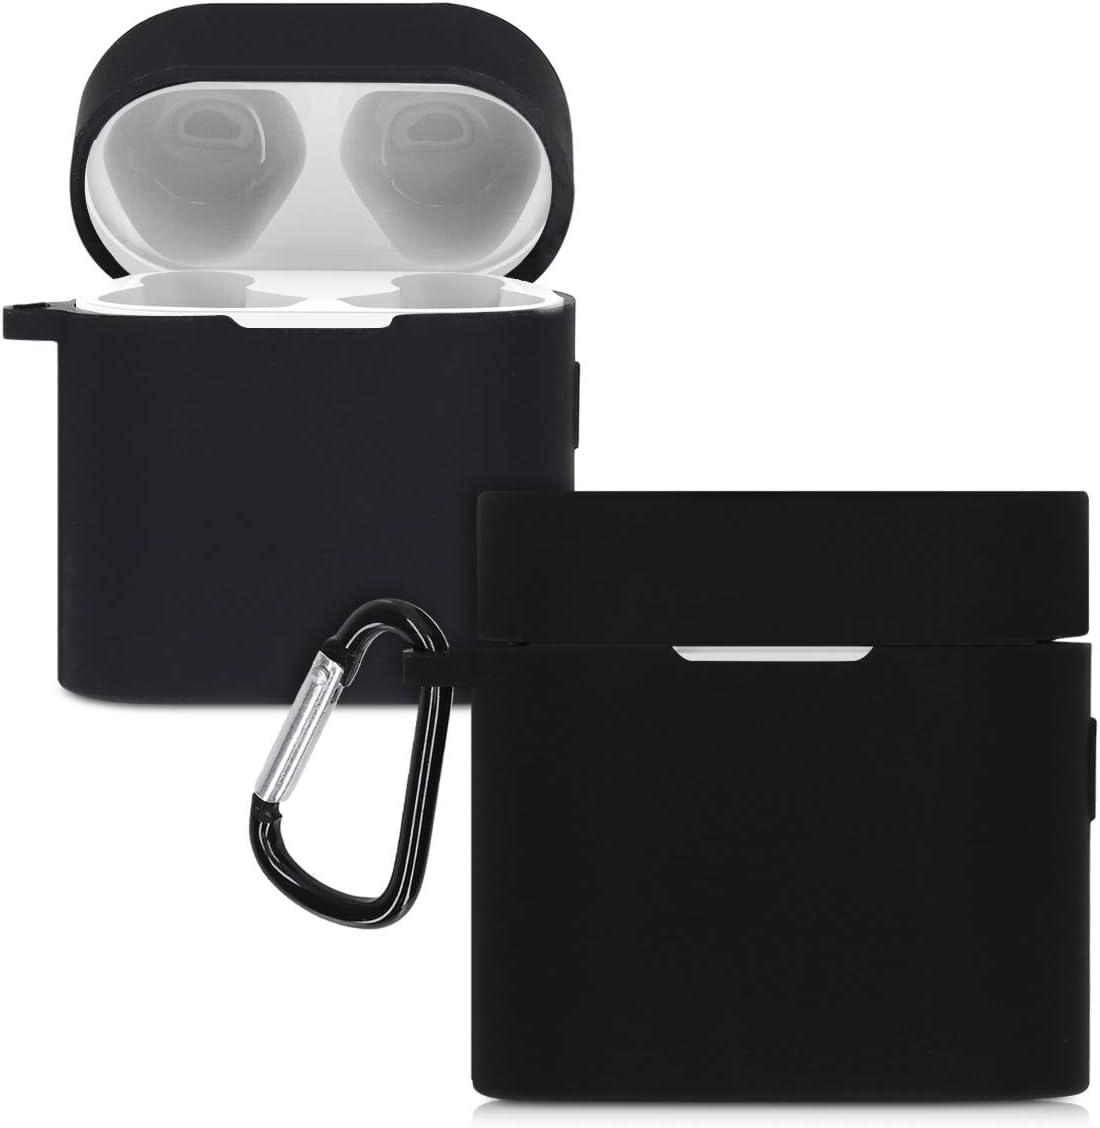 kwmobile Funda de Silicona Compatible con Xiaomi AirDots Pro 2 - Carcasa para Auriculares en Negro